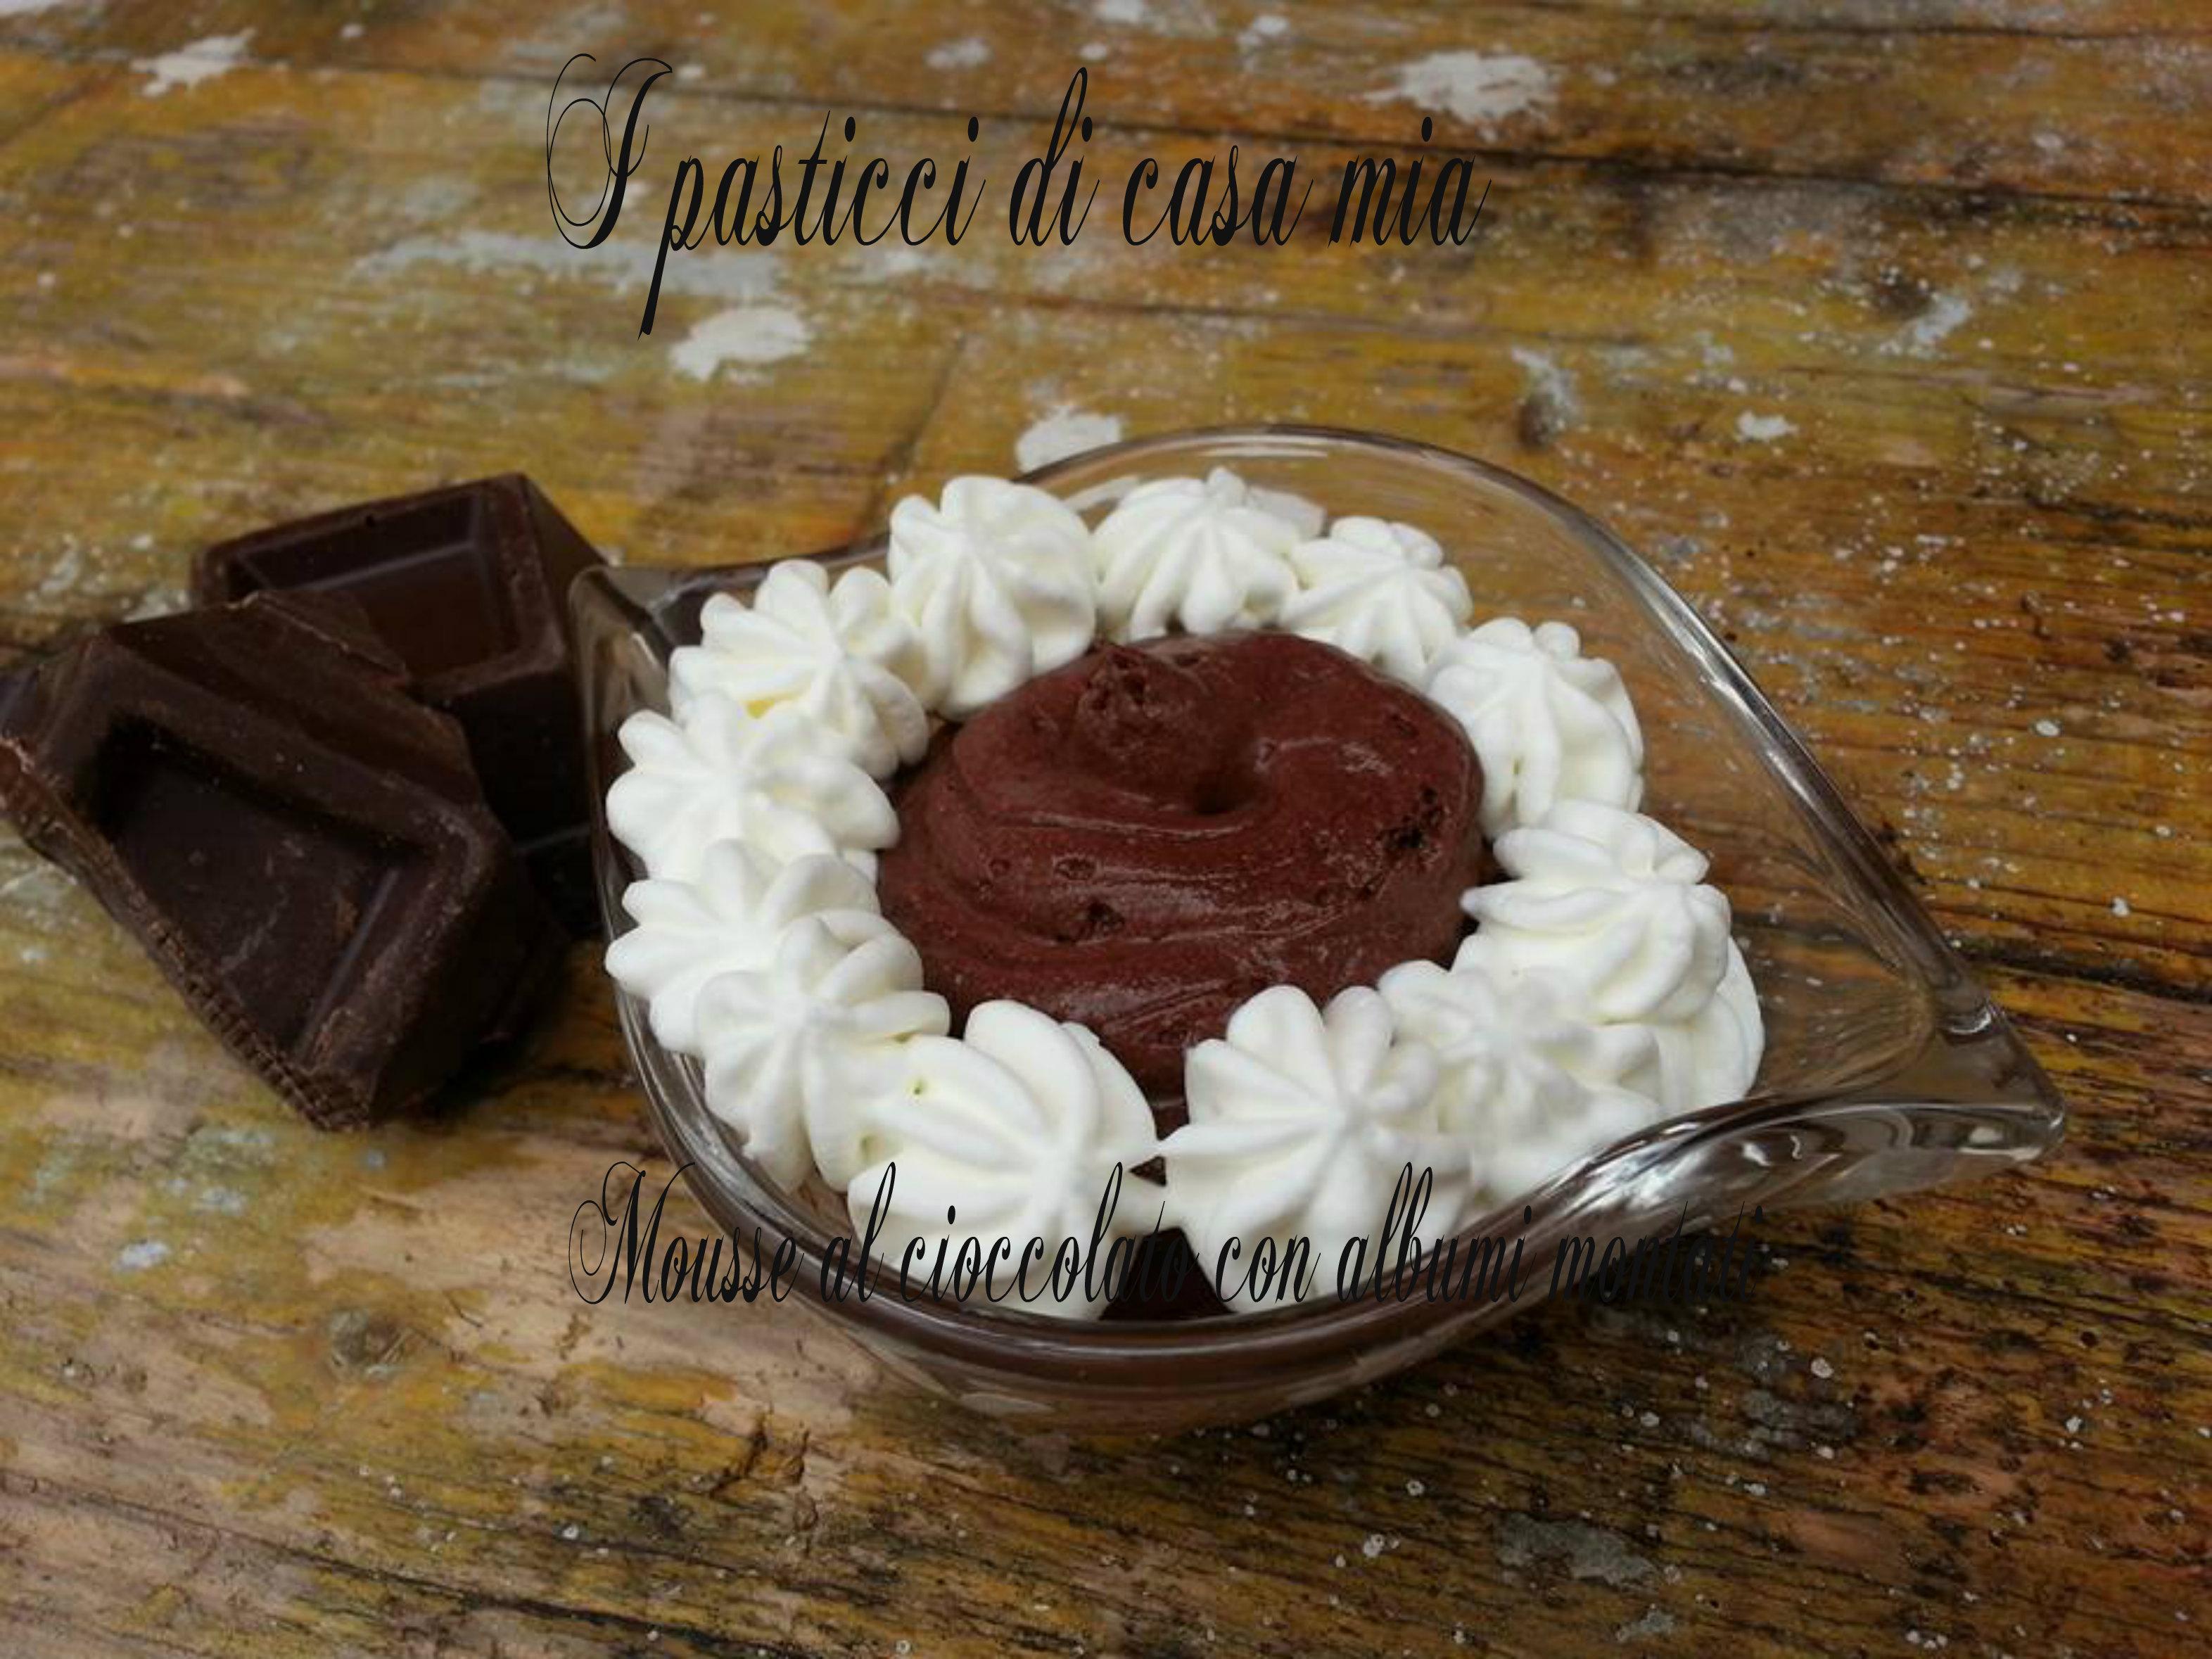 Mousse al cioccolato con albumi montati